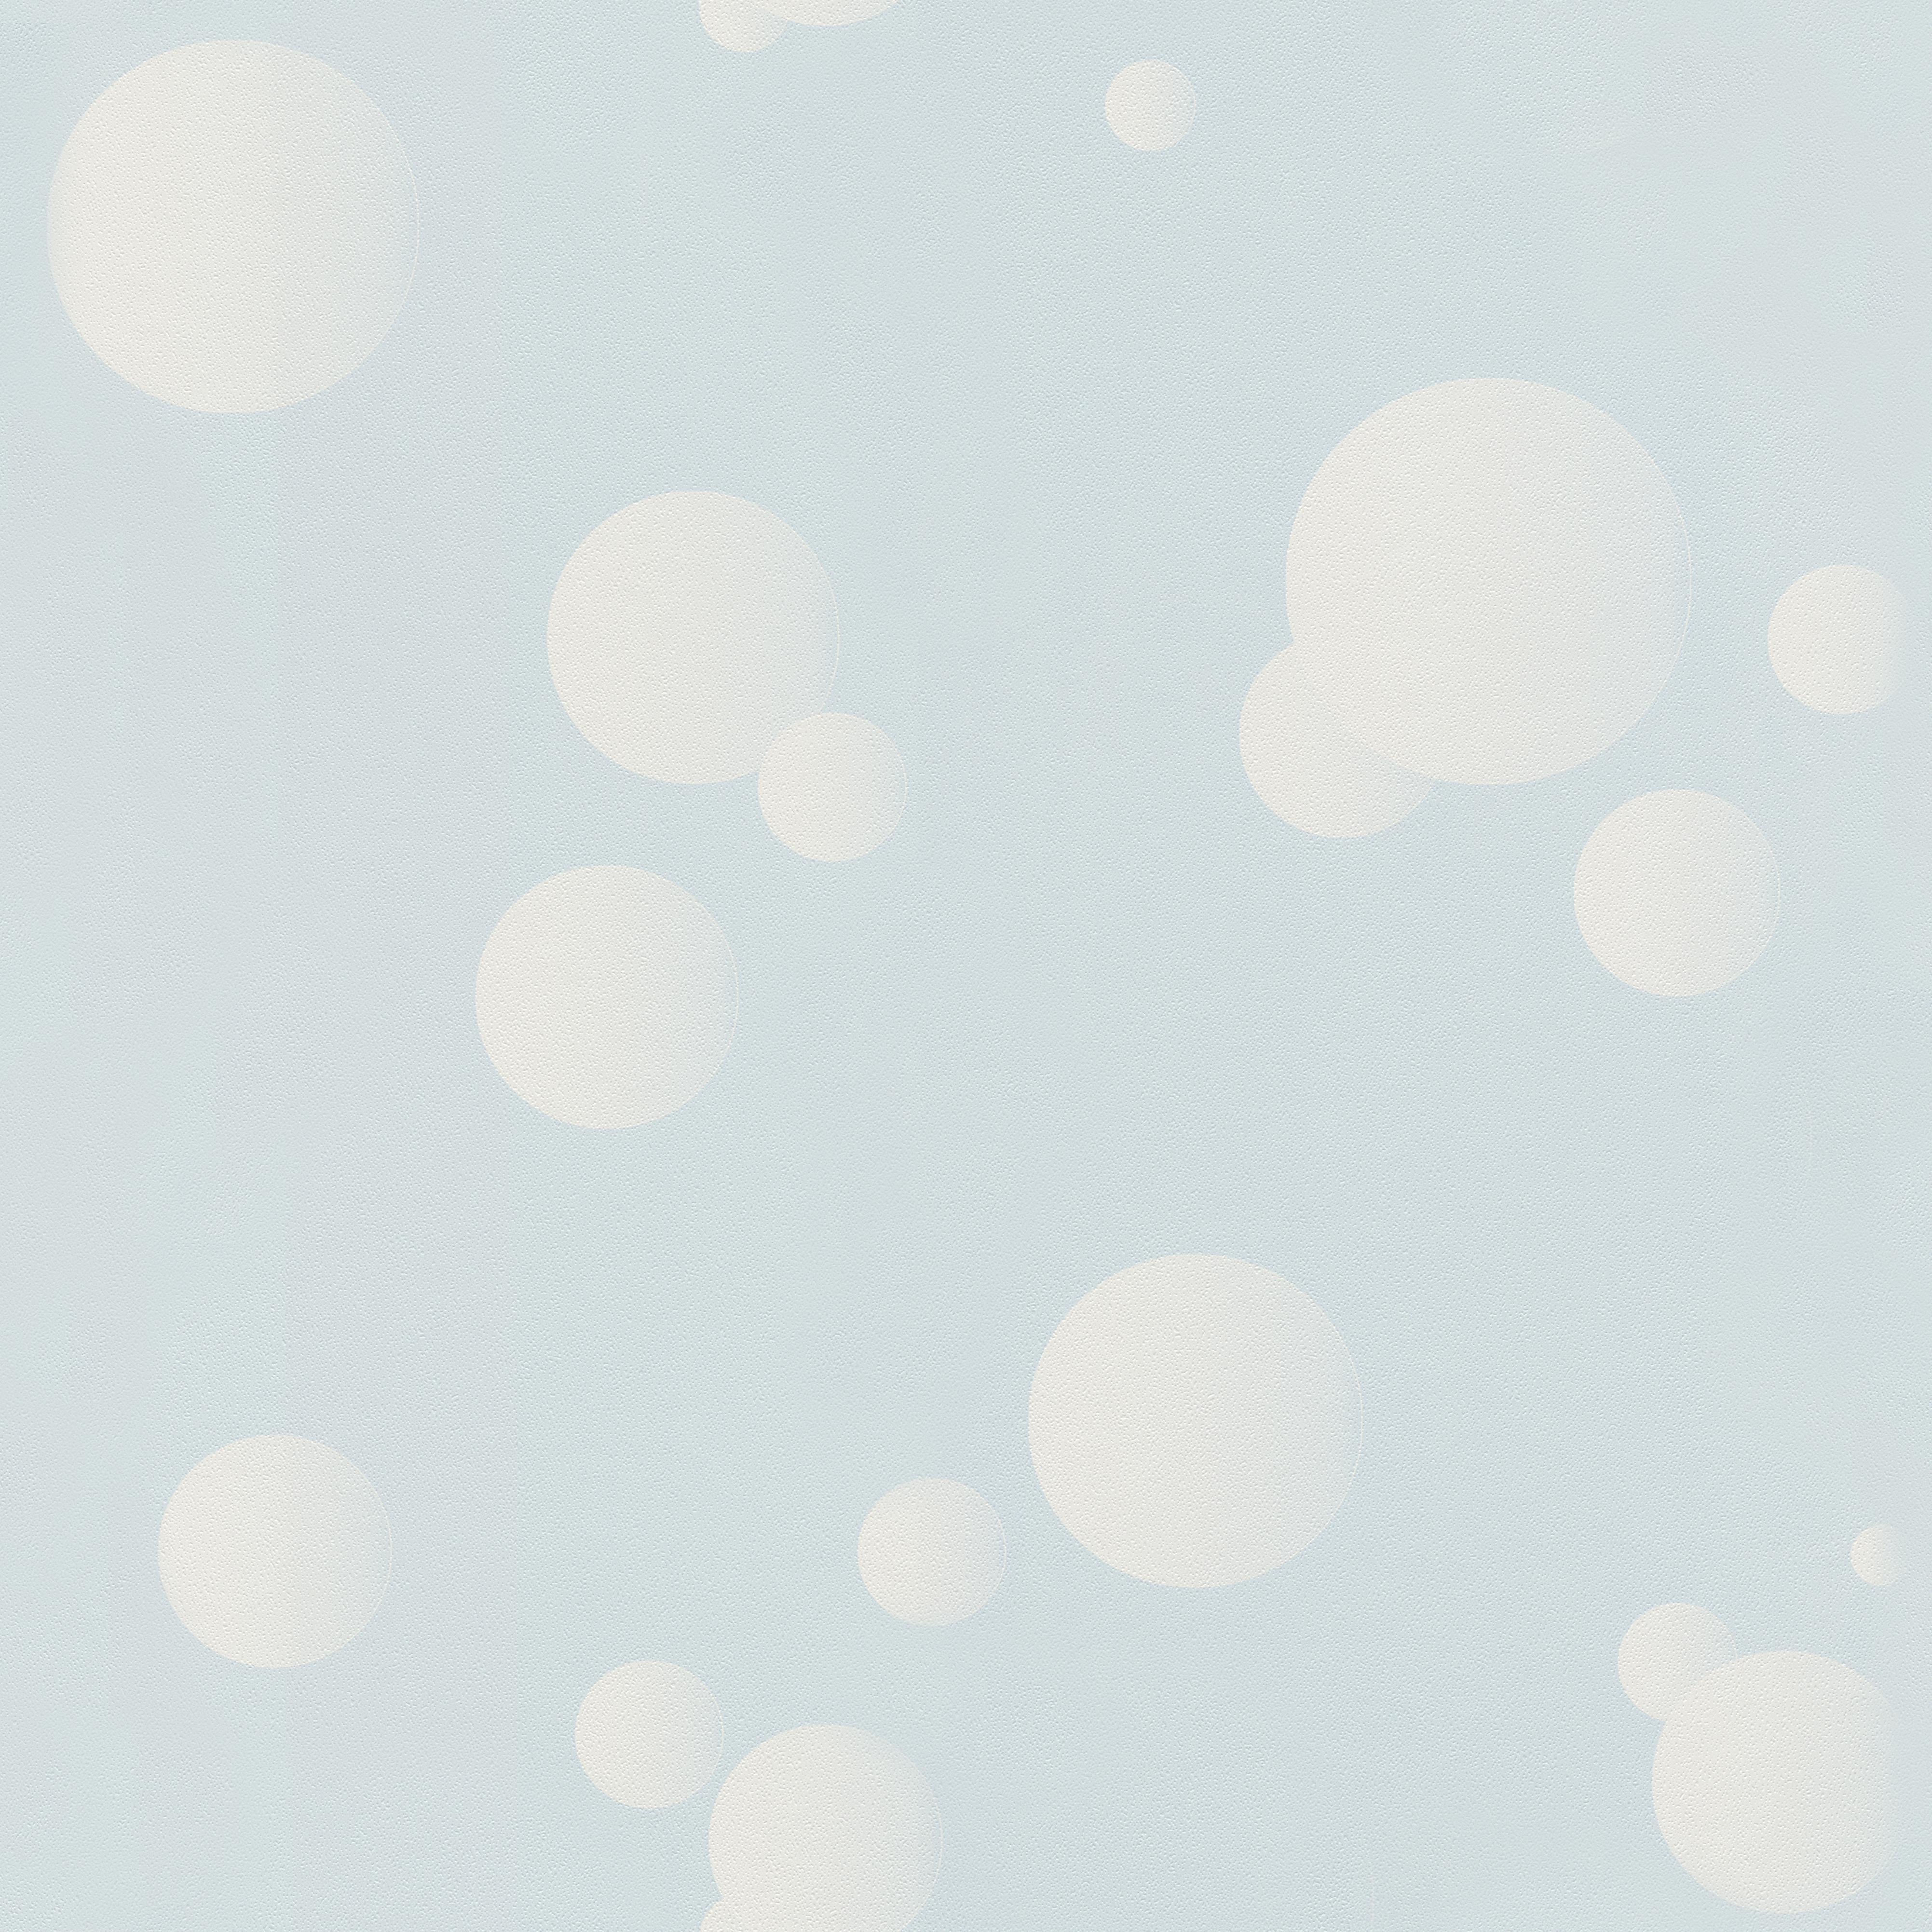 Halványkék alapon fehér pöttyös gyerek tapéta